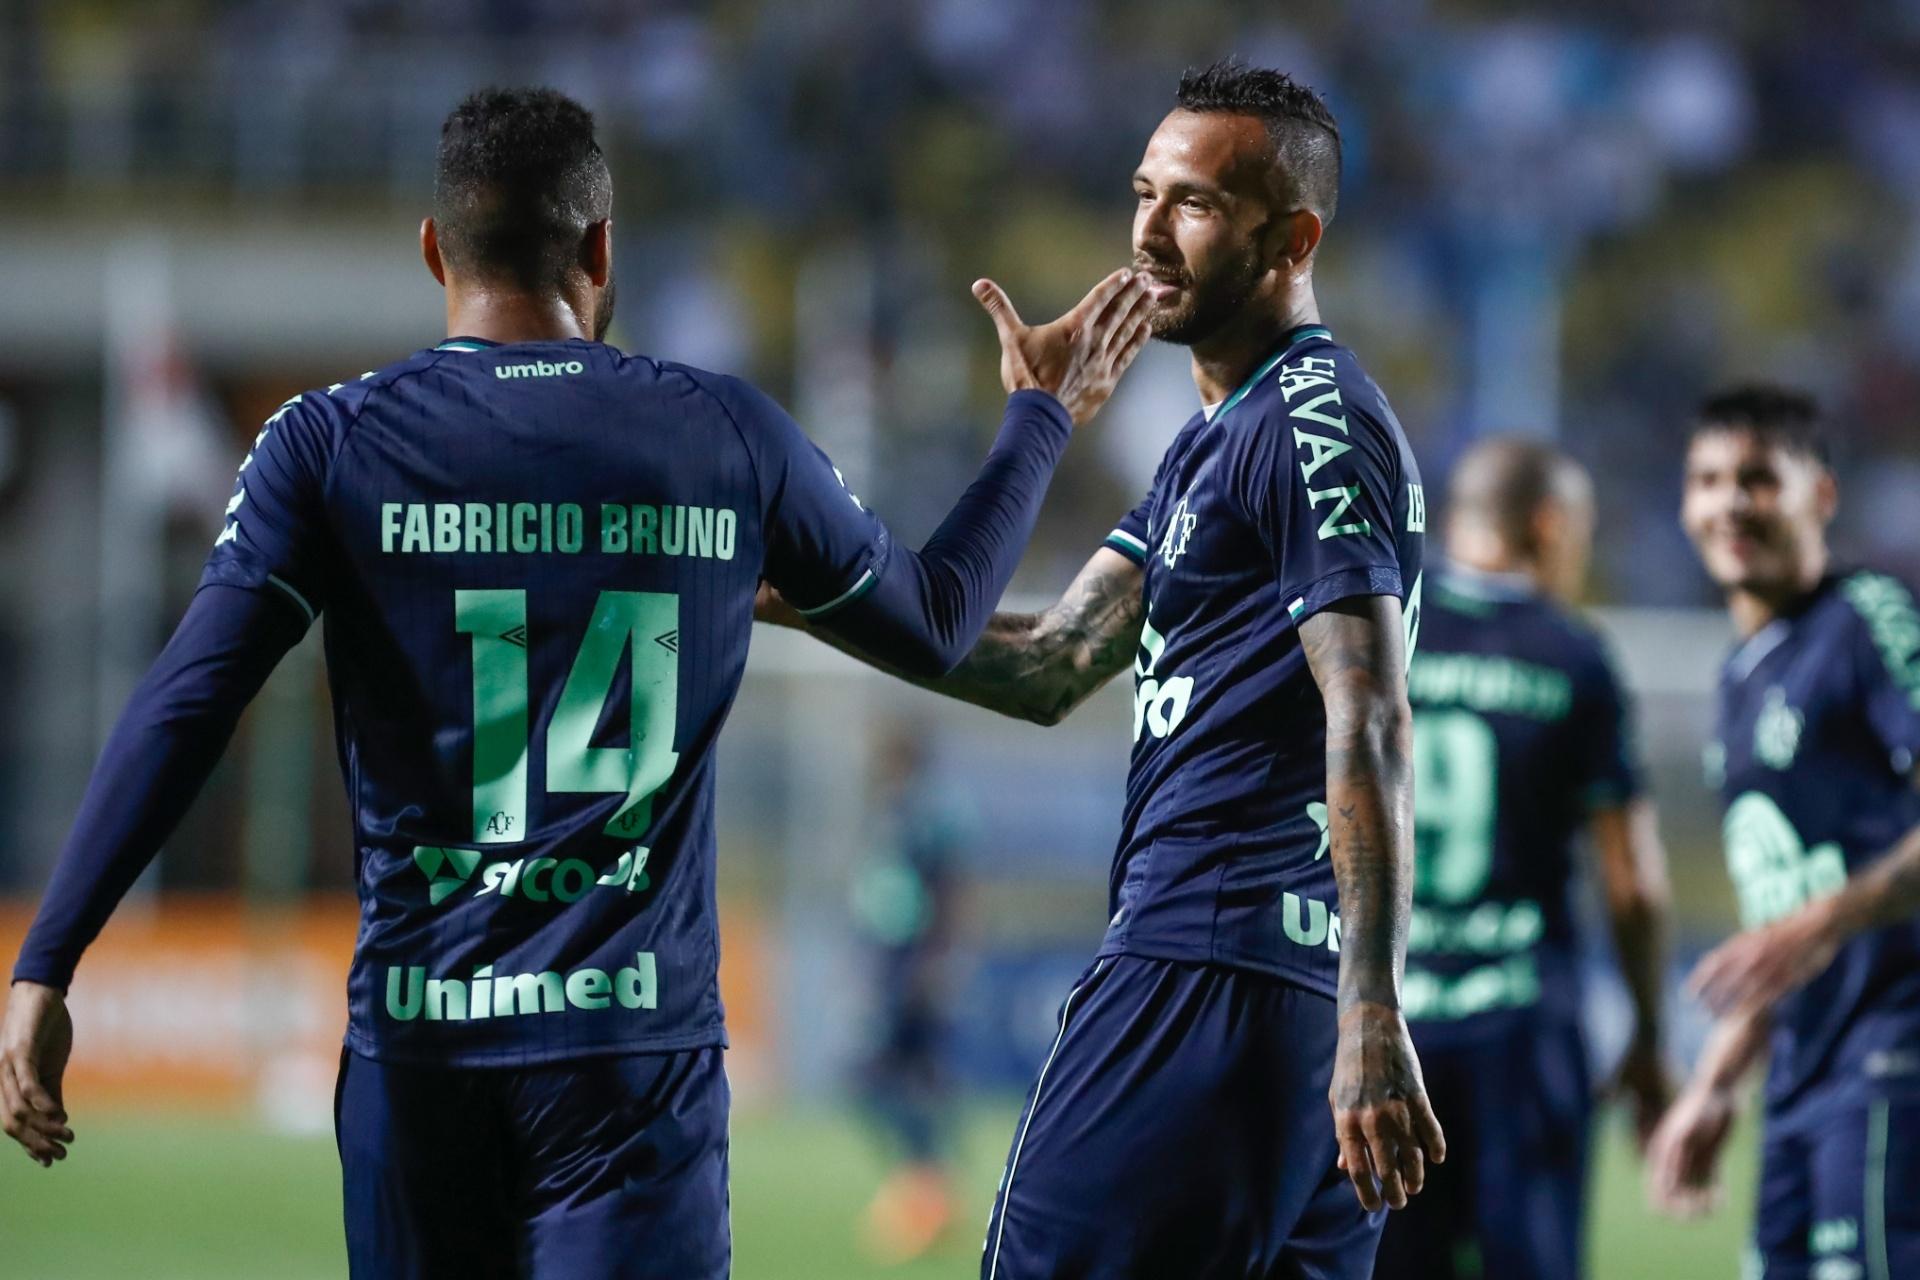 Vitória da Chapecoense deixa Corinthians a 3 pontos da zona de rebaixamento  - 12 11 2018 - UOL Esporte bbdd14950a34a